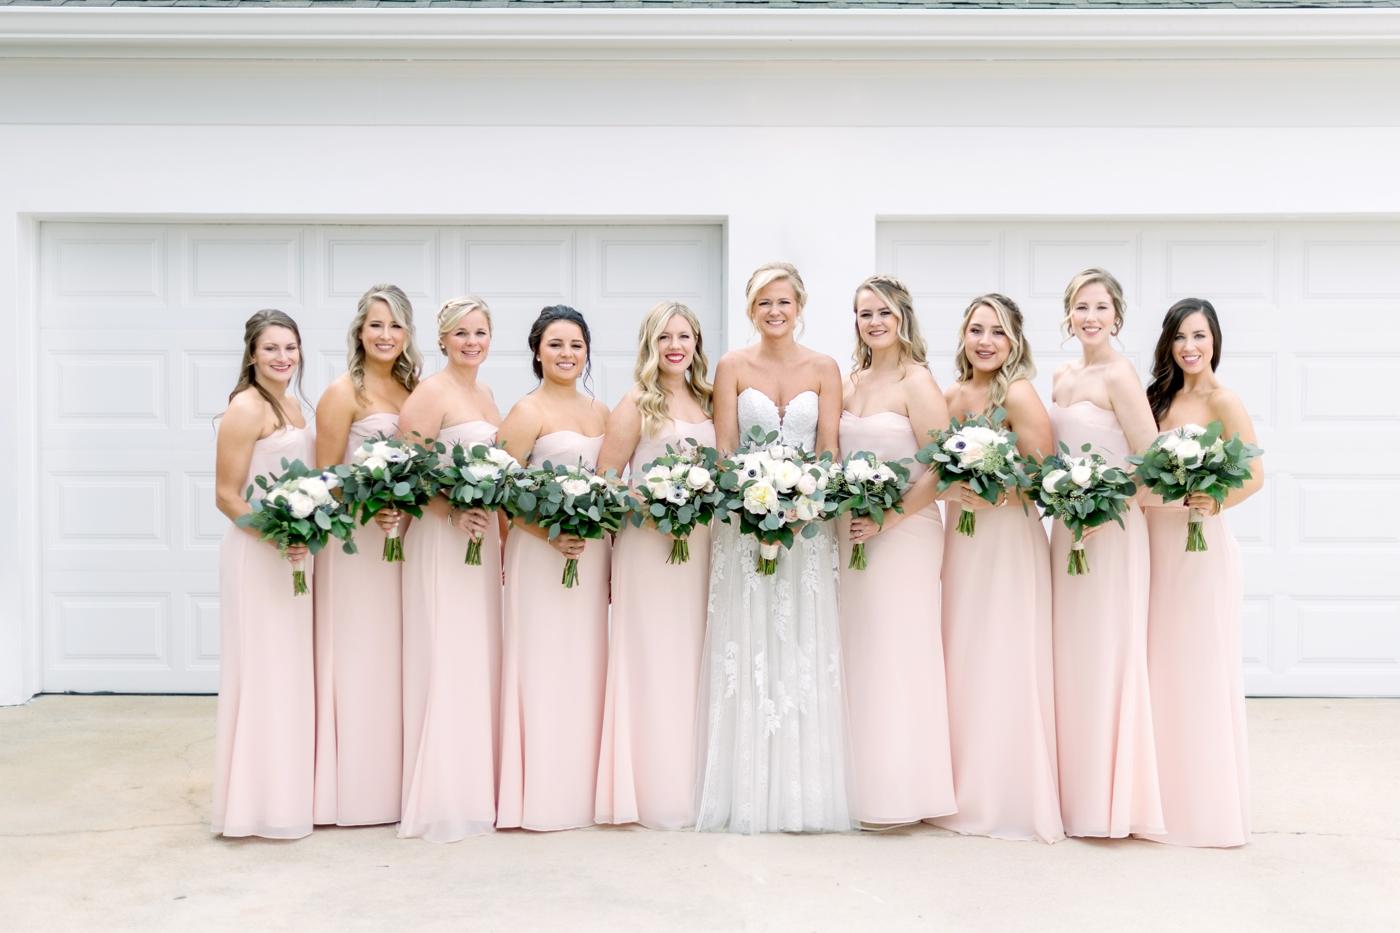 South Florida Bridal Party